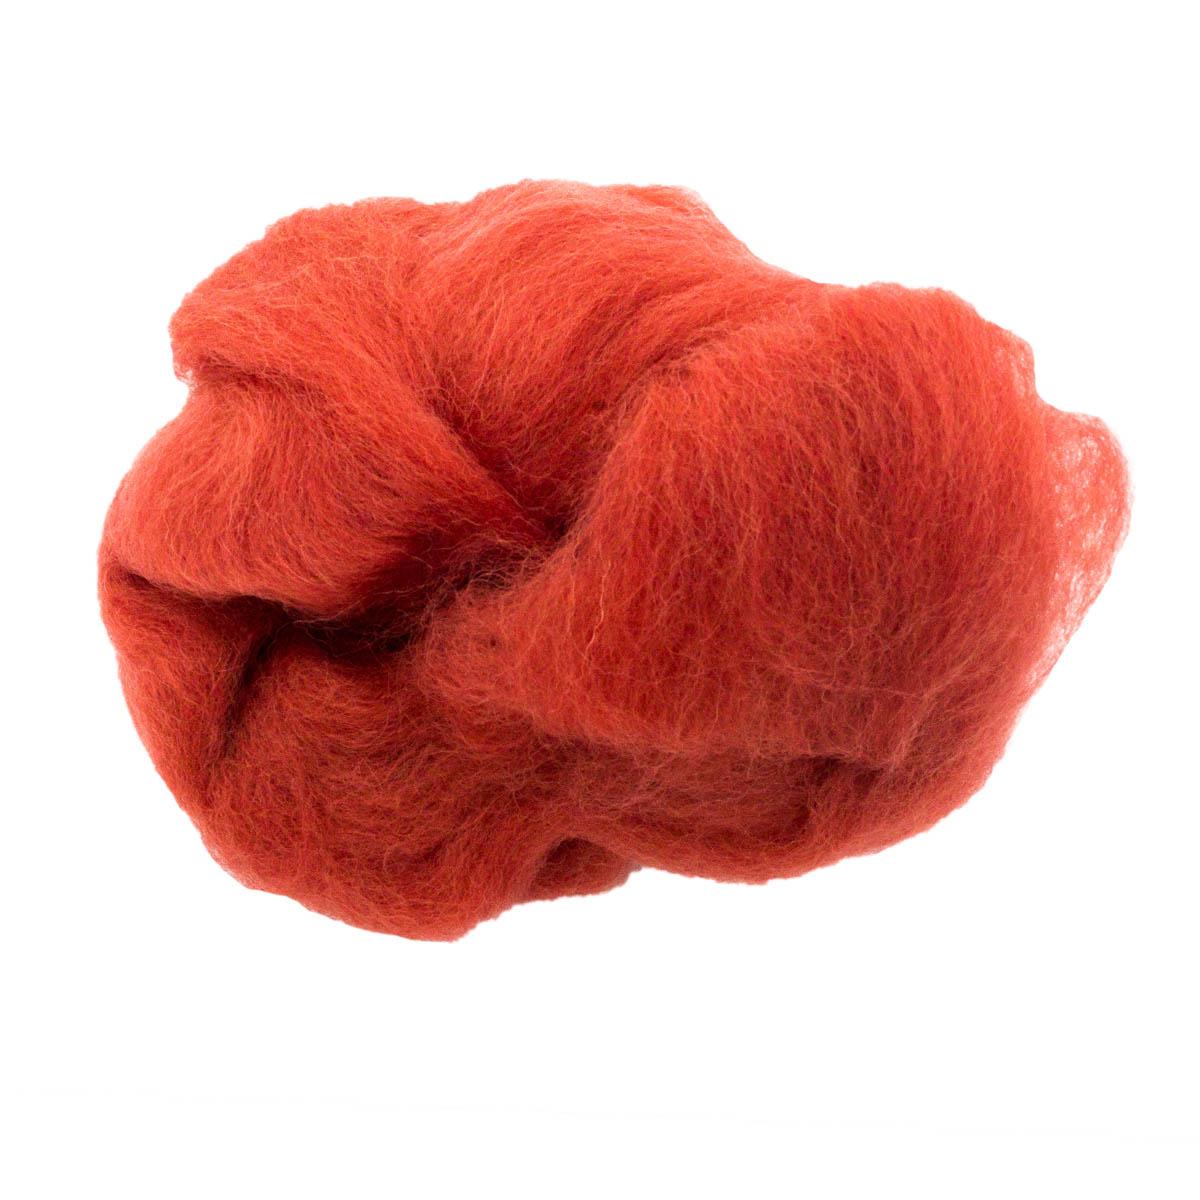 84311-1 ORCHIDEA Шерсть для валяния, цвет брусничный, 10 г